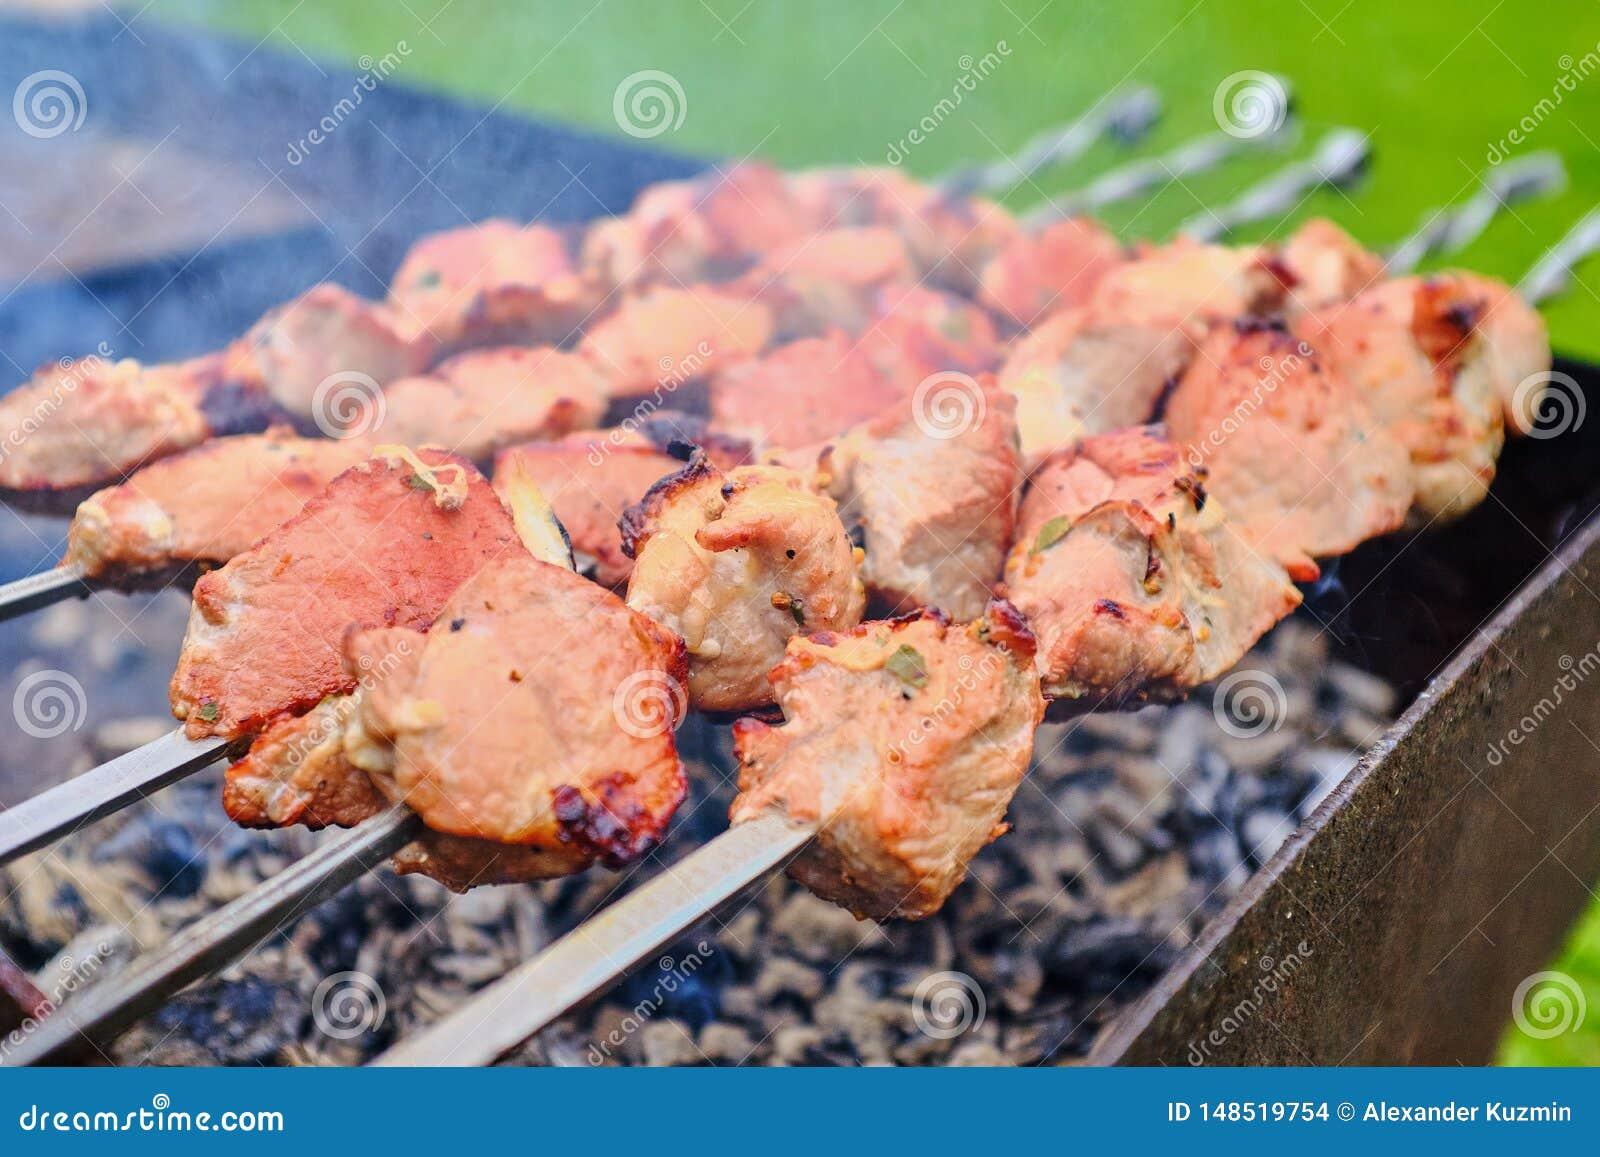 Stycken av kött stekas på brand på steknålar